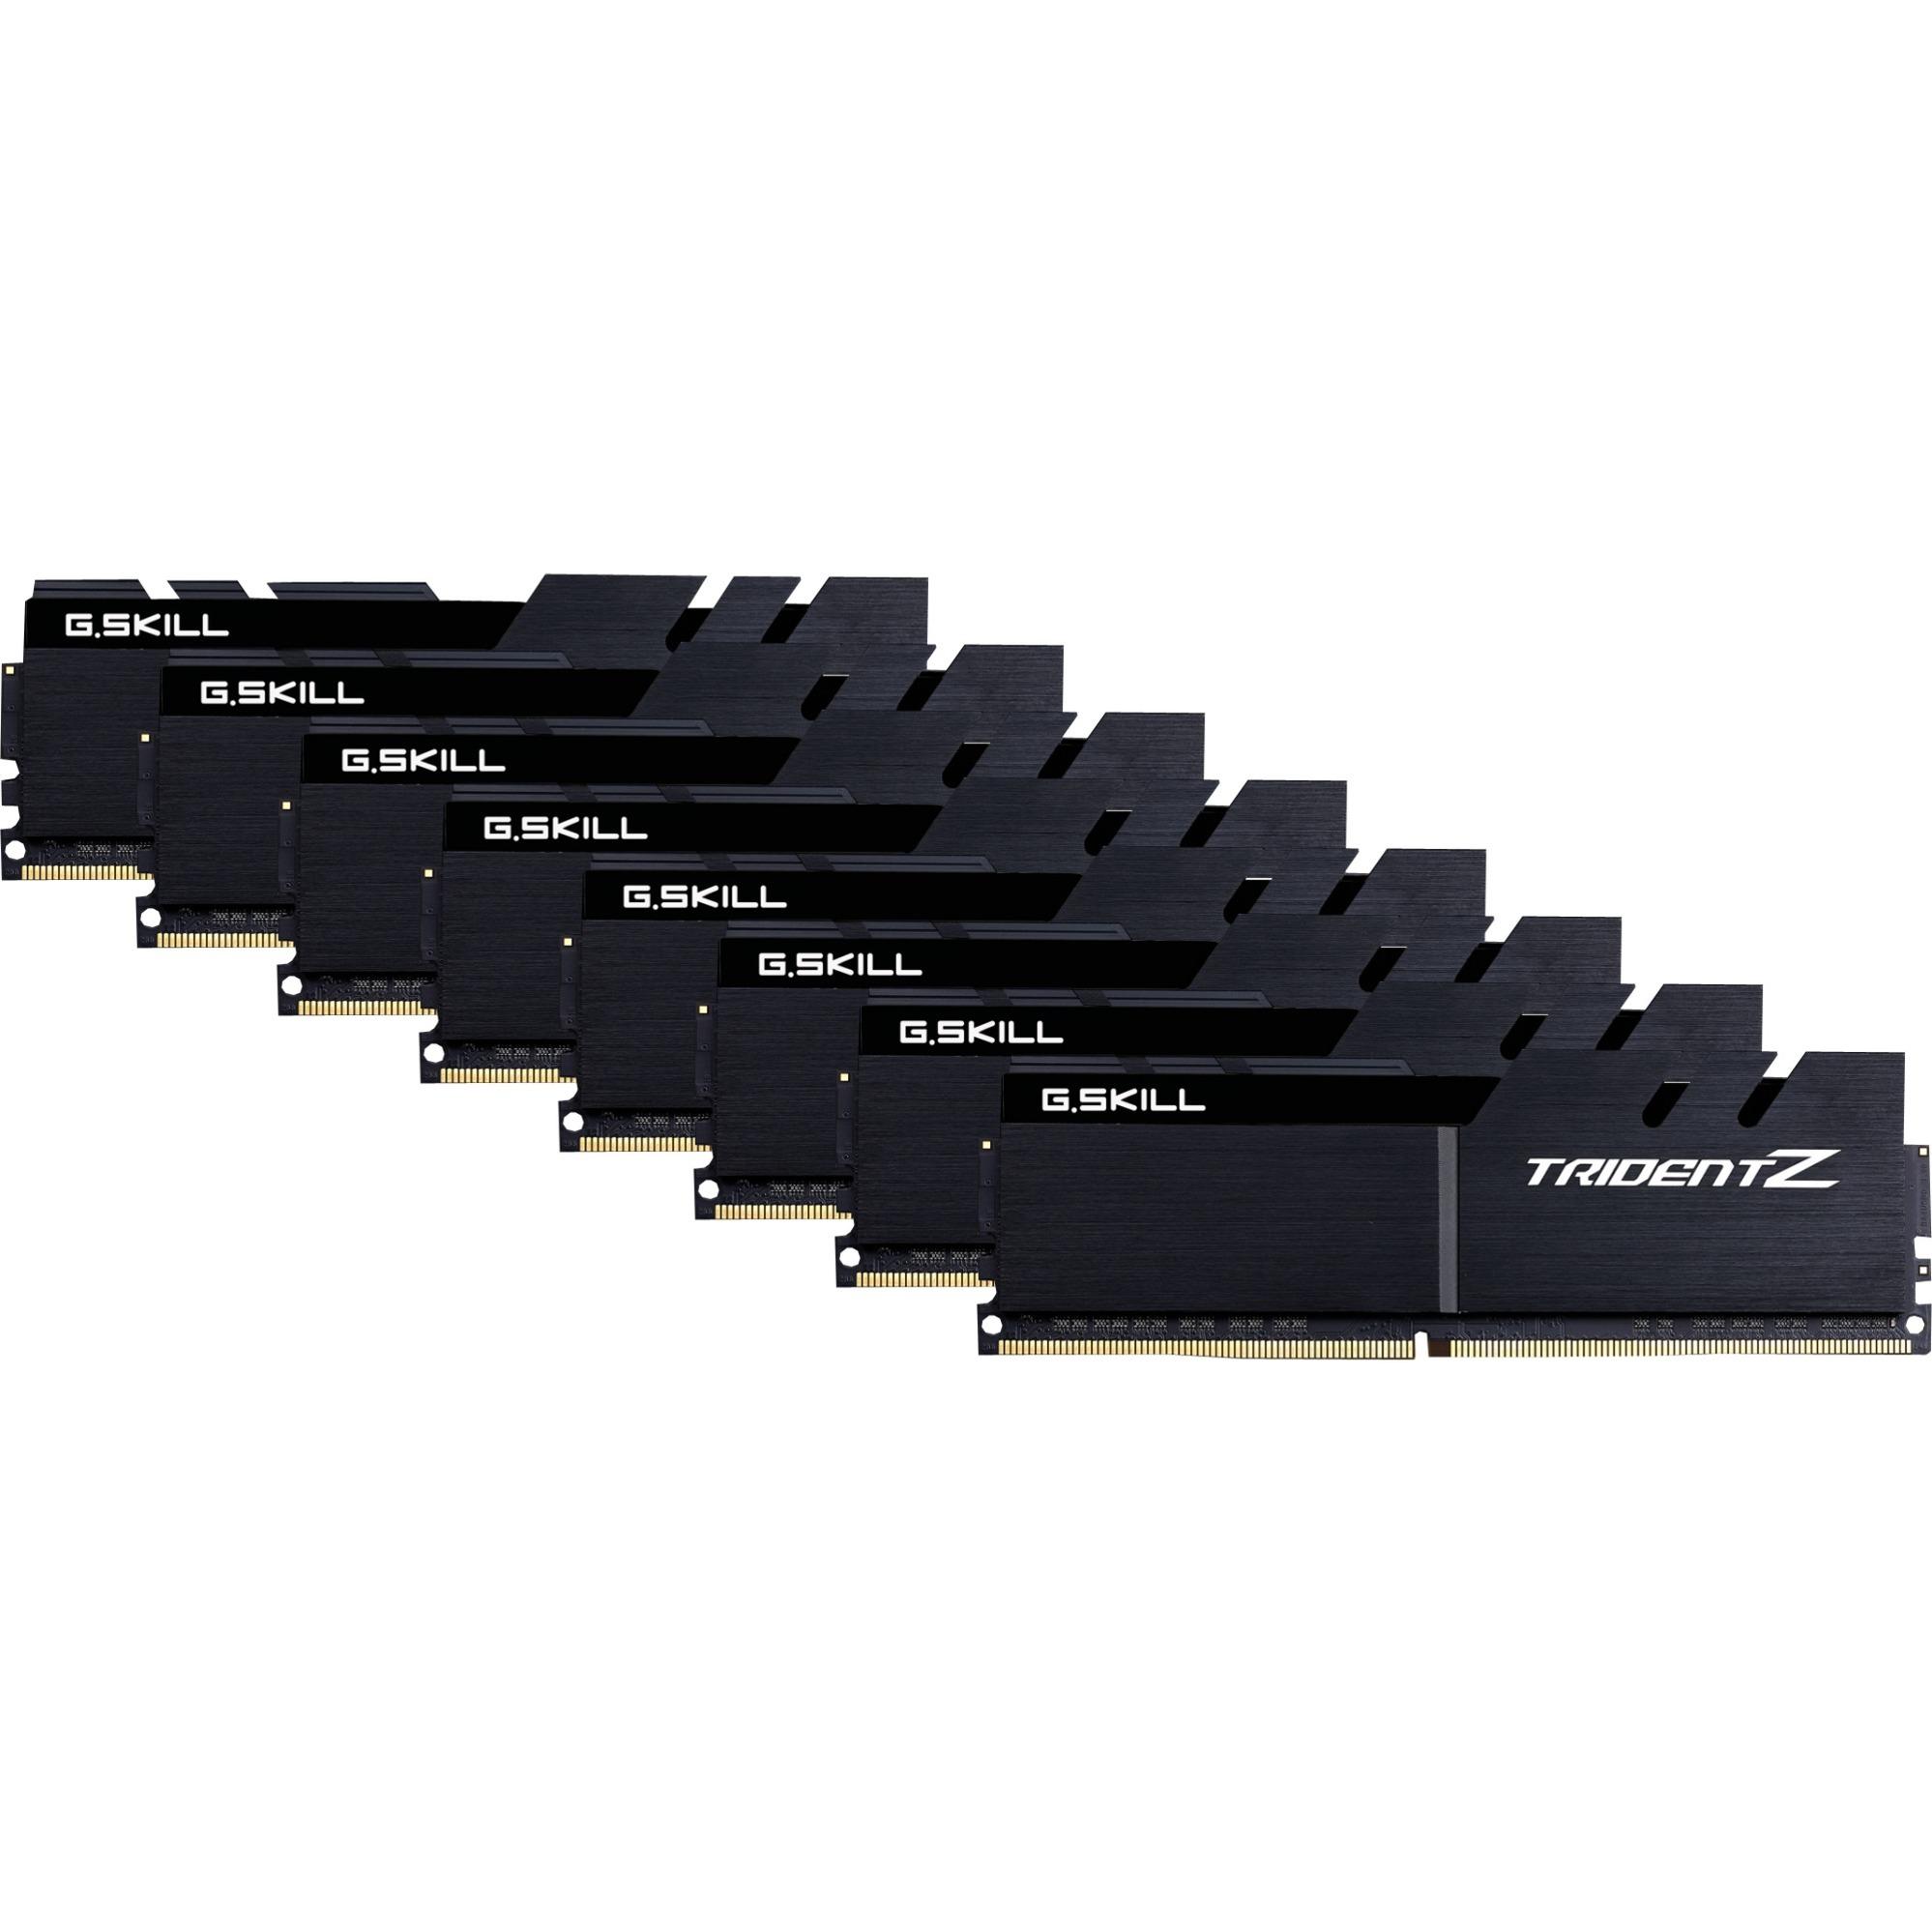 128GB DDR4-3866 128GB DDR4 3866MHz módulo de memoria, Memoria RAM